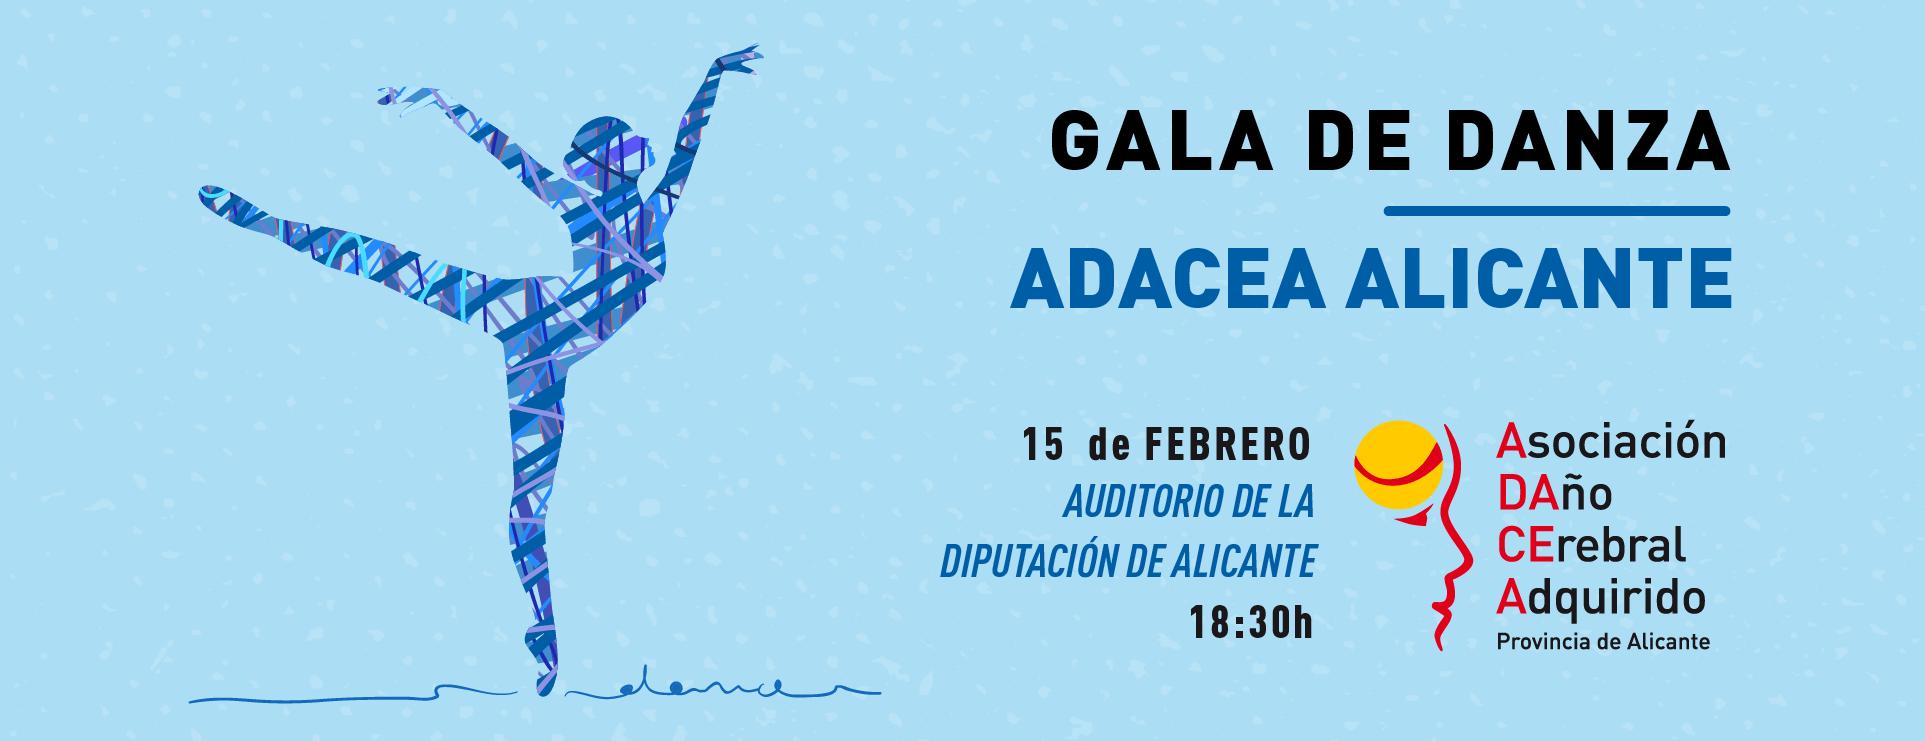 GALA DE DANZA DE ADACEA ALICANTE 2020